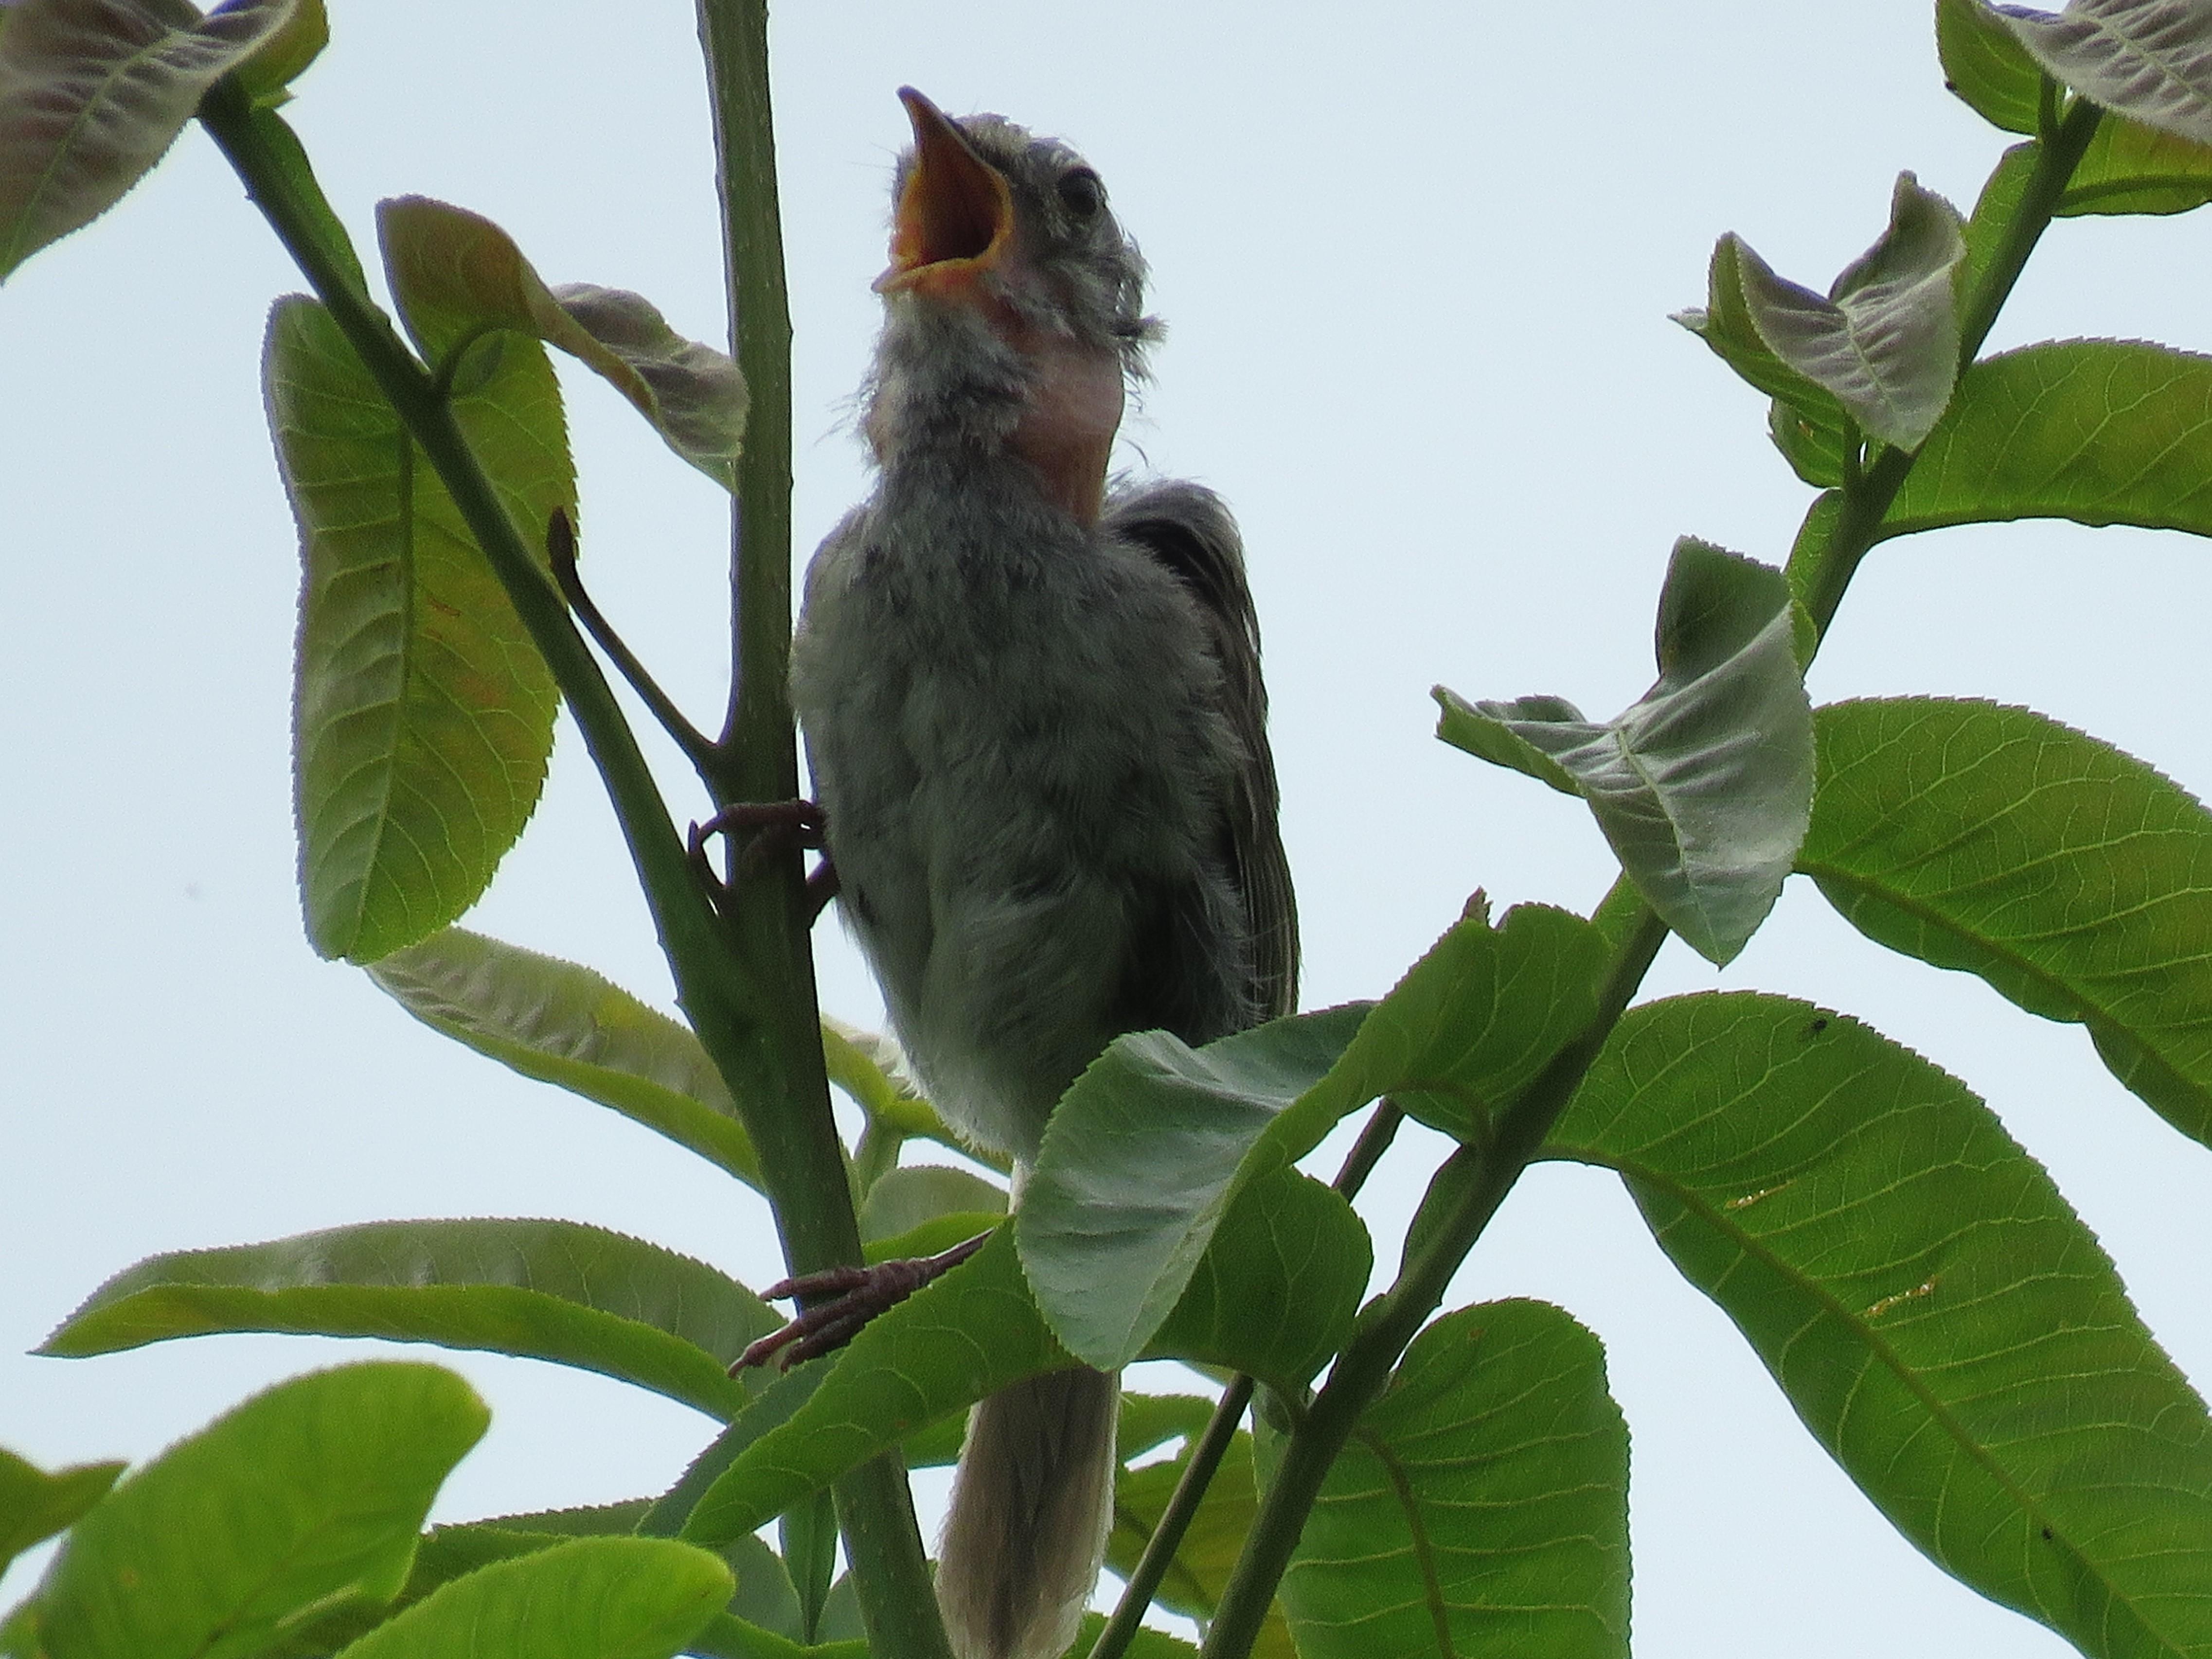 6ウグイス幼鳥